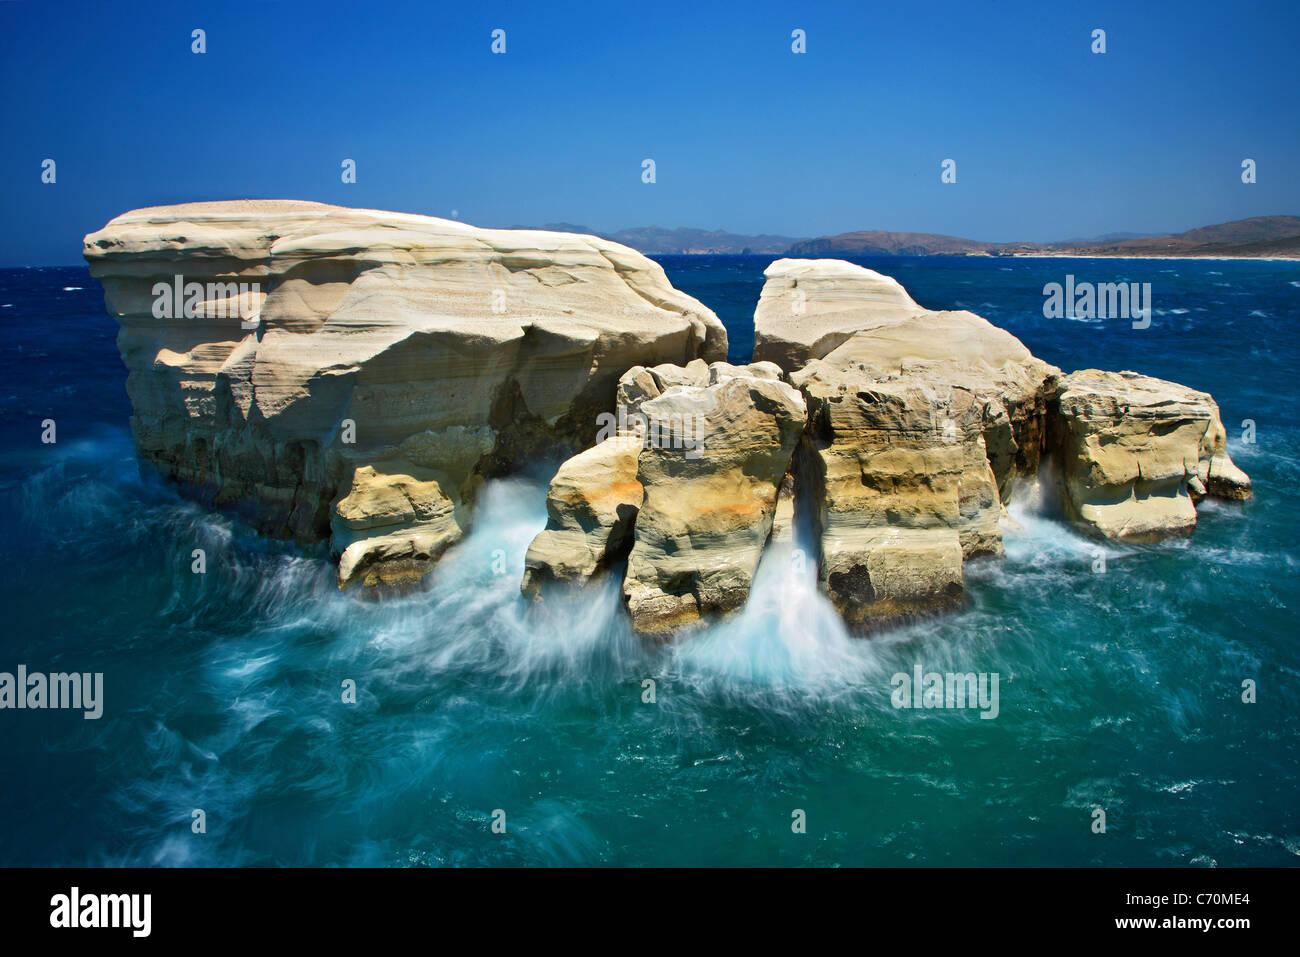 L'exposition à long shot de quelques roches à plage de Sarakiniko, juste pour donner l'impression Photo Stock